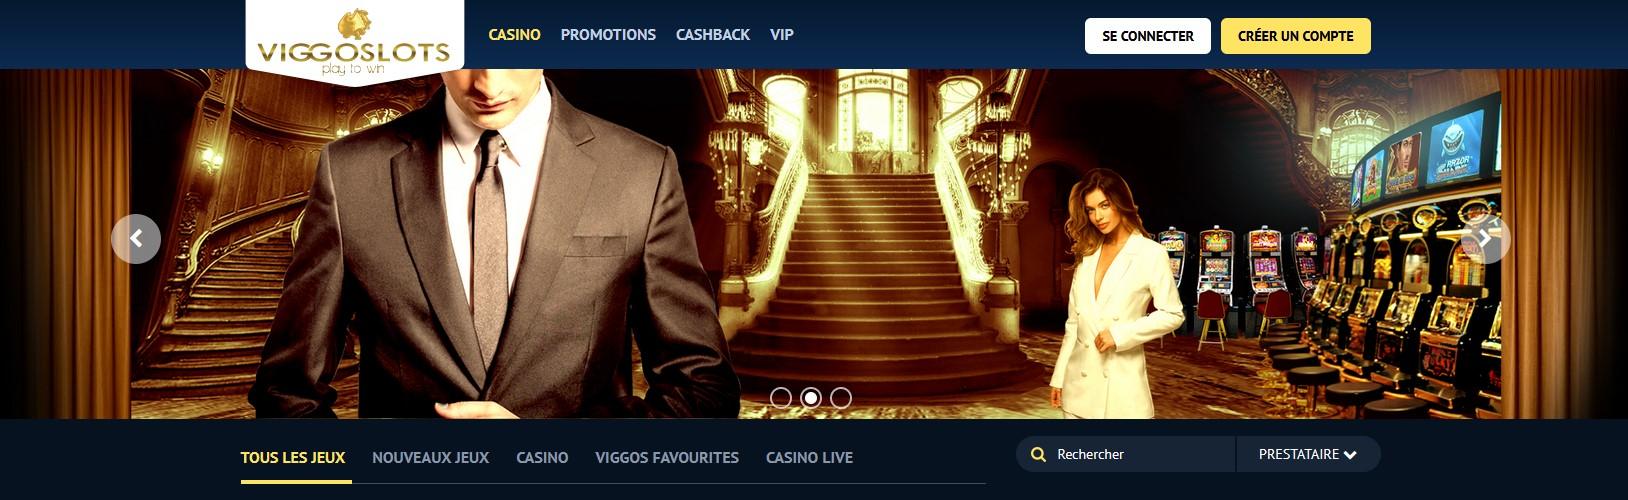 bannière du casino Viggoslots